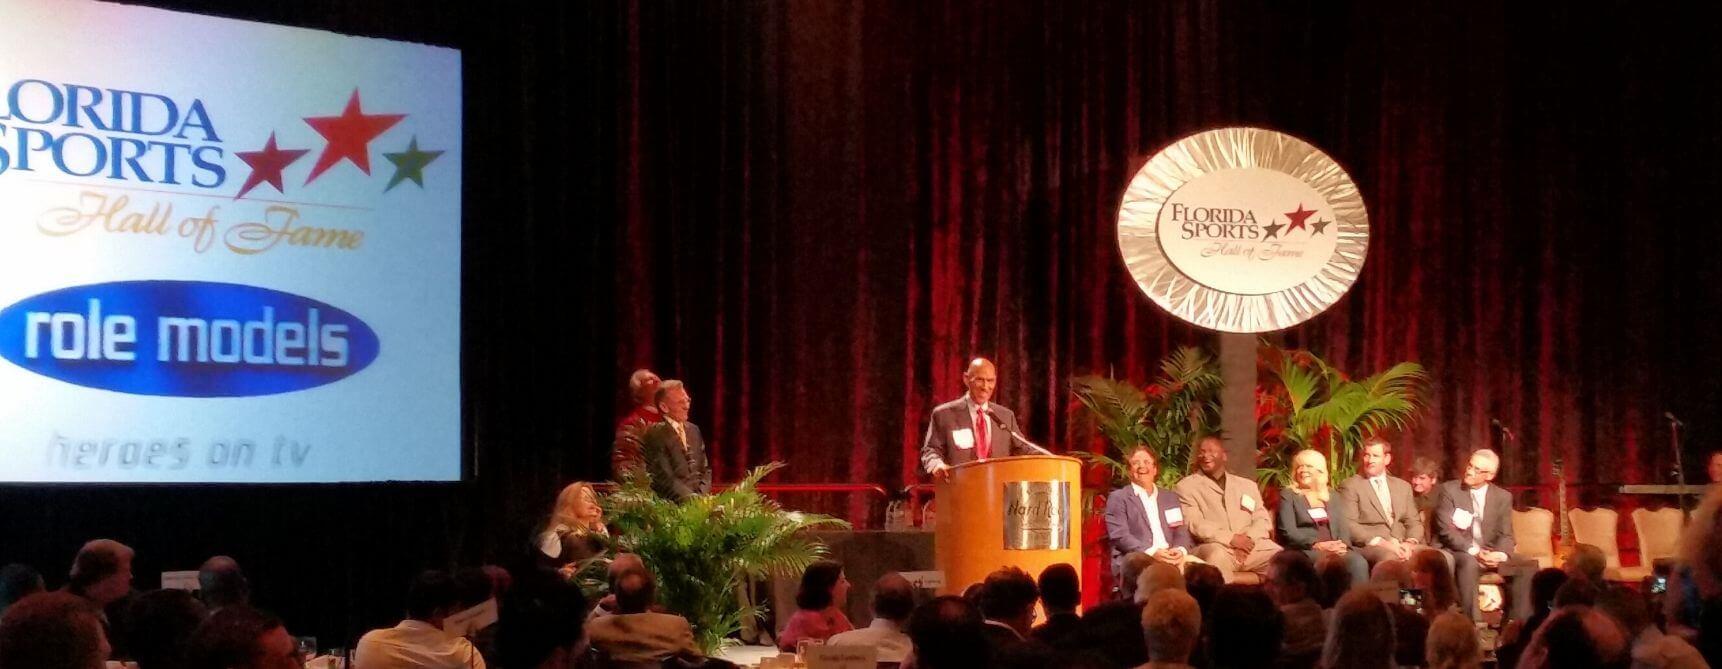 1 Florida Sports Awards Ceremony Event